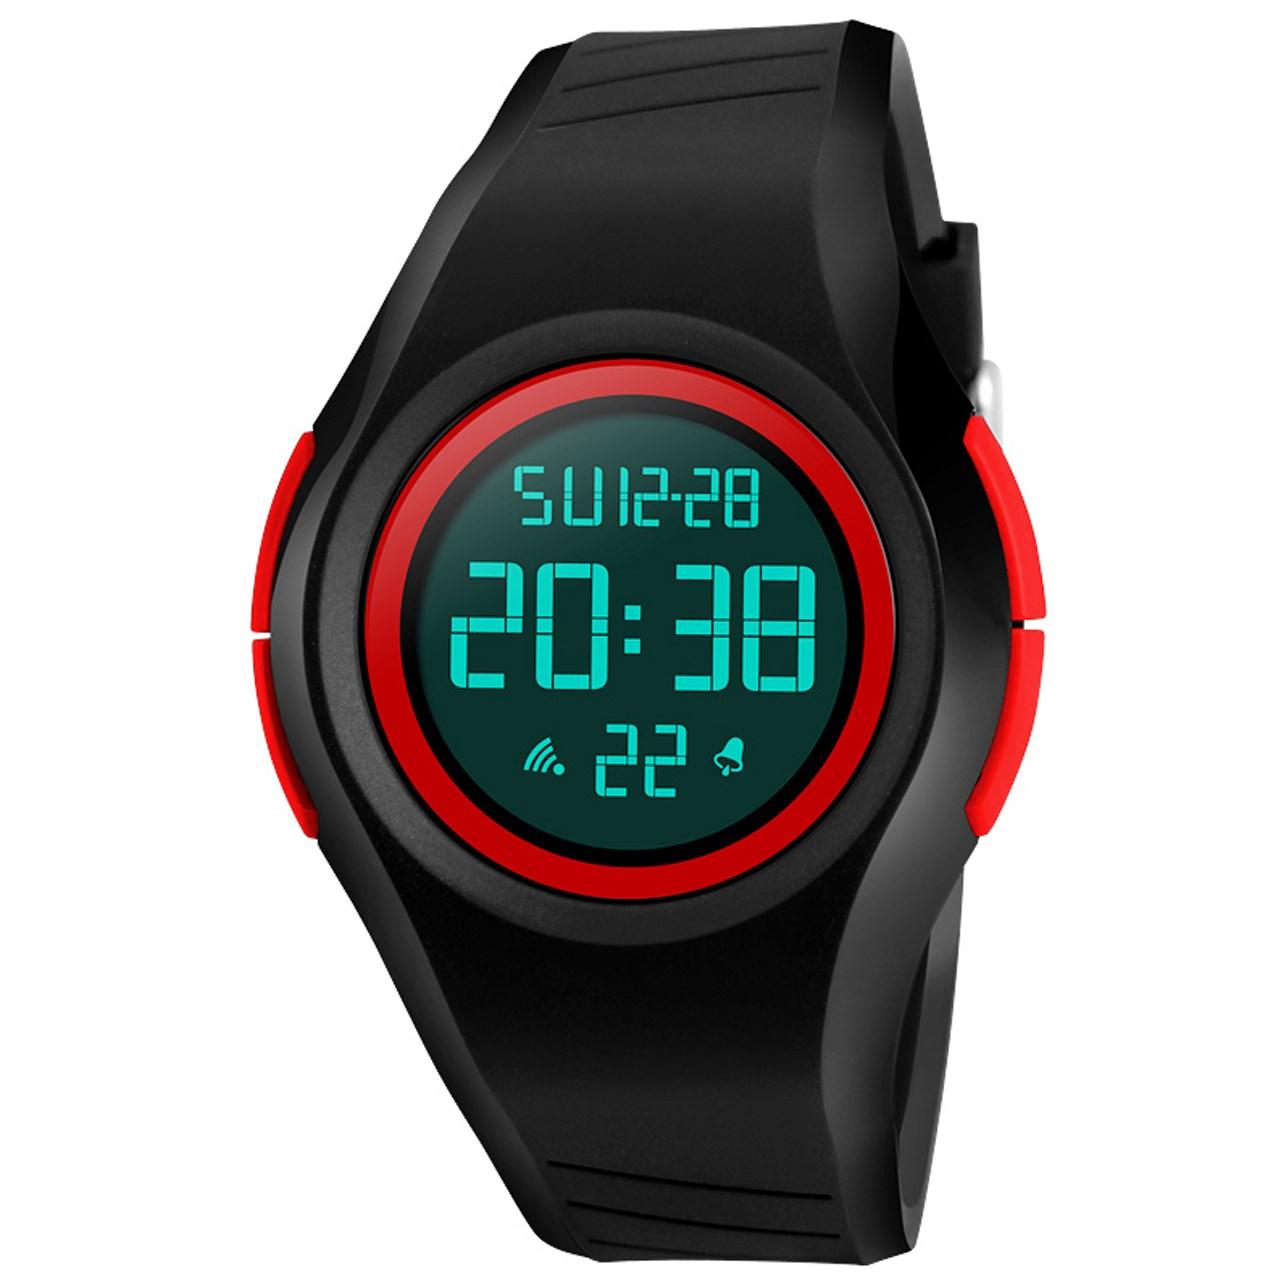 ساعت مچی دیجیتالی اسکمی مدل 1269 کد 04             قیمت